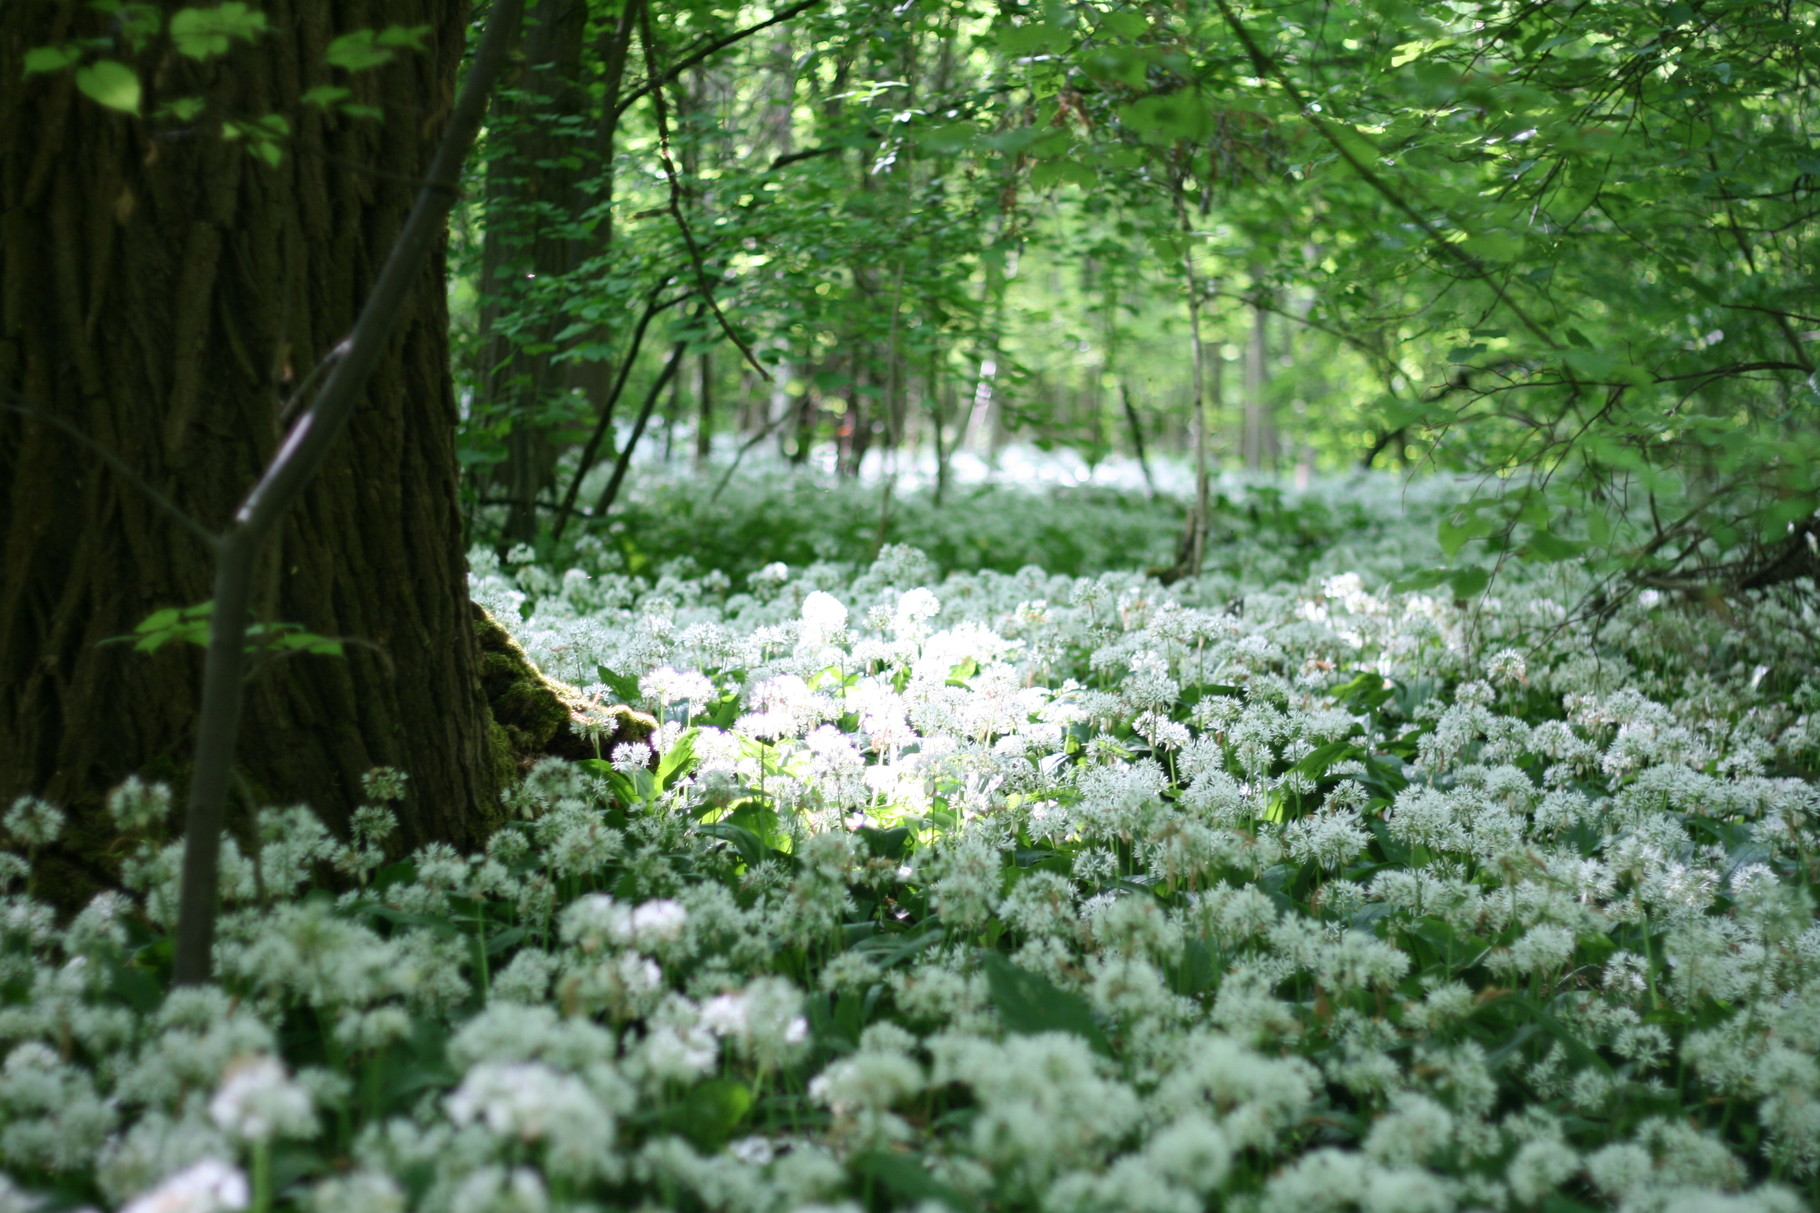 Der Bärlauch blüht - und duftet lecker. Ab ins Grüne am Feiertag!